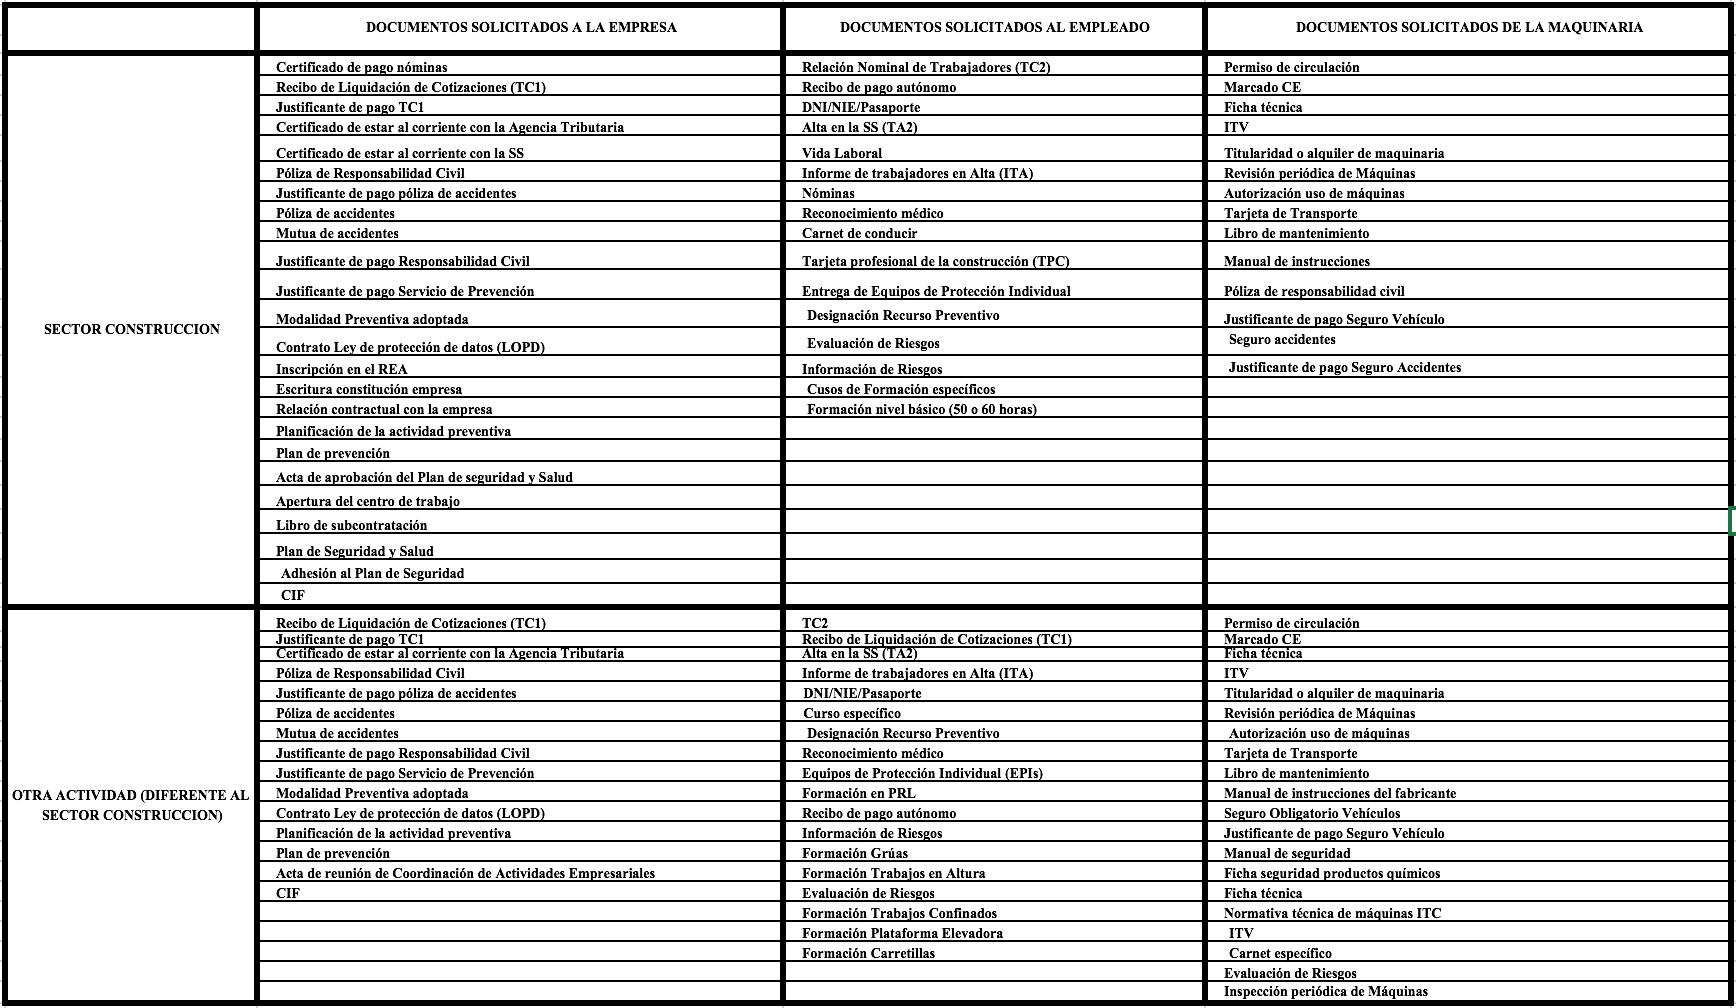 Plantillas de Coordinación de Actividades Empresariales - METACONTRATAS